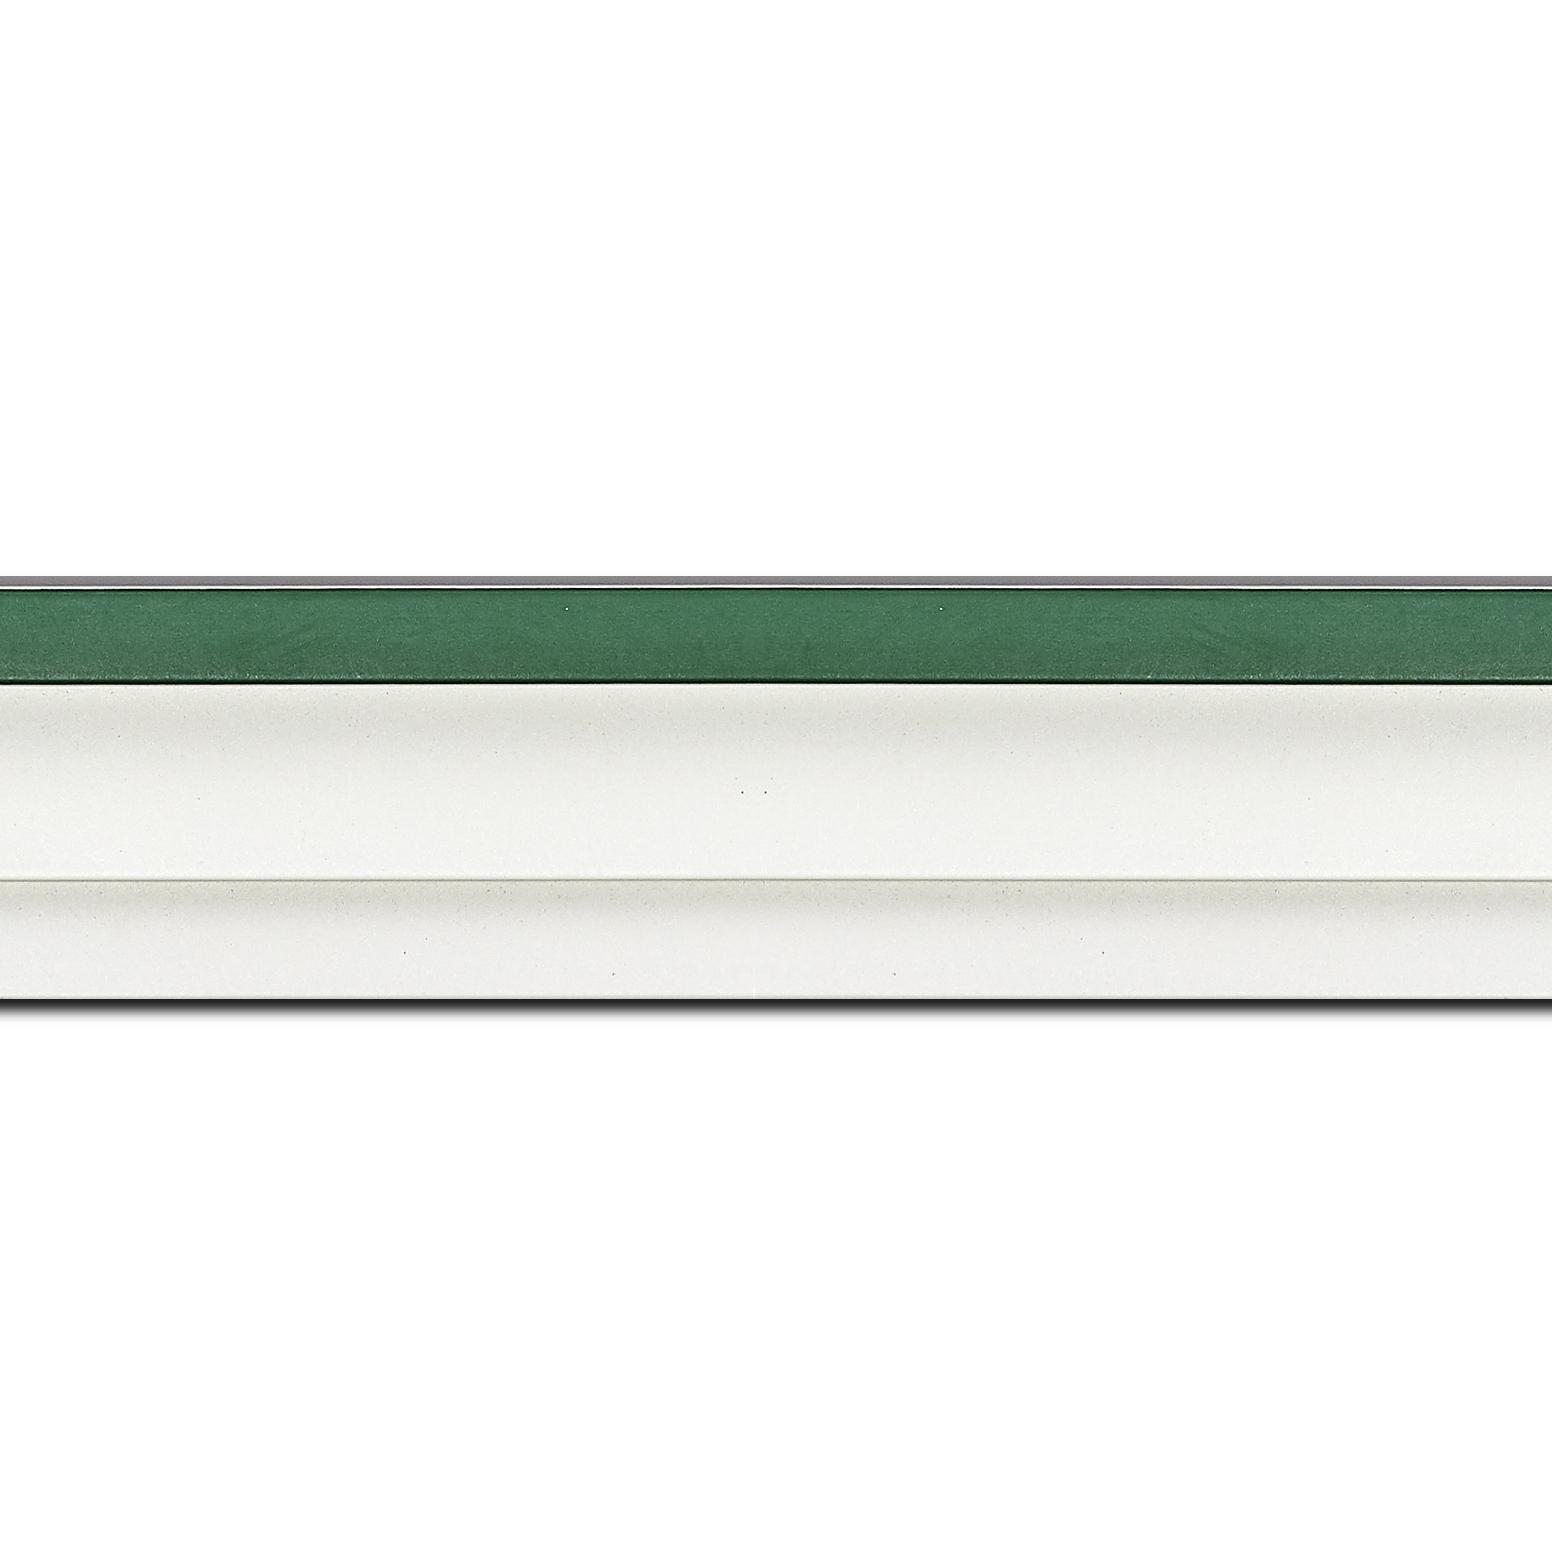 Baguette longueur 1.40m bois caisse américaine profil escalier largeur 4.5cm blanc mat filet vert (spécialement conçu pour les châssis d'une épaisseur jusqu'à 2.5cm )